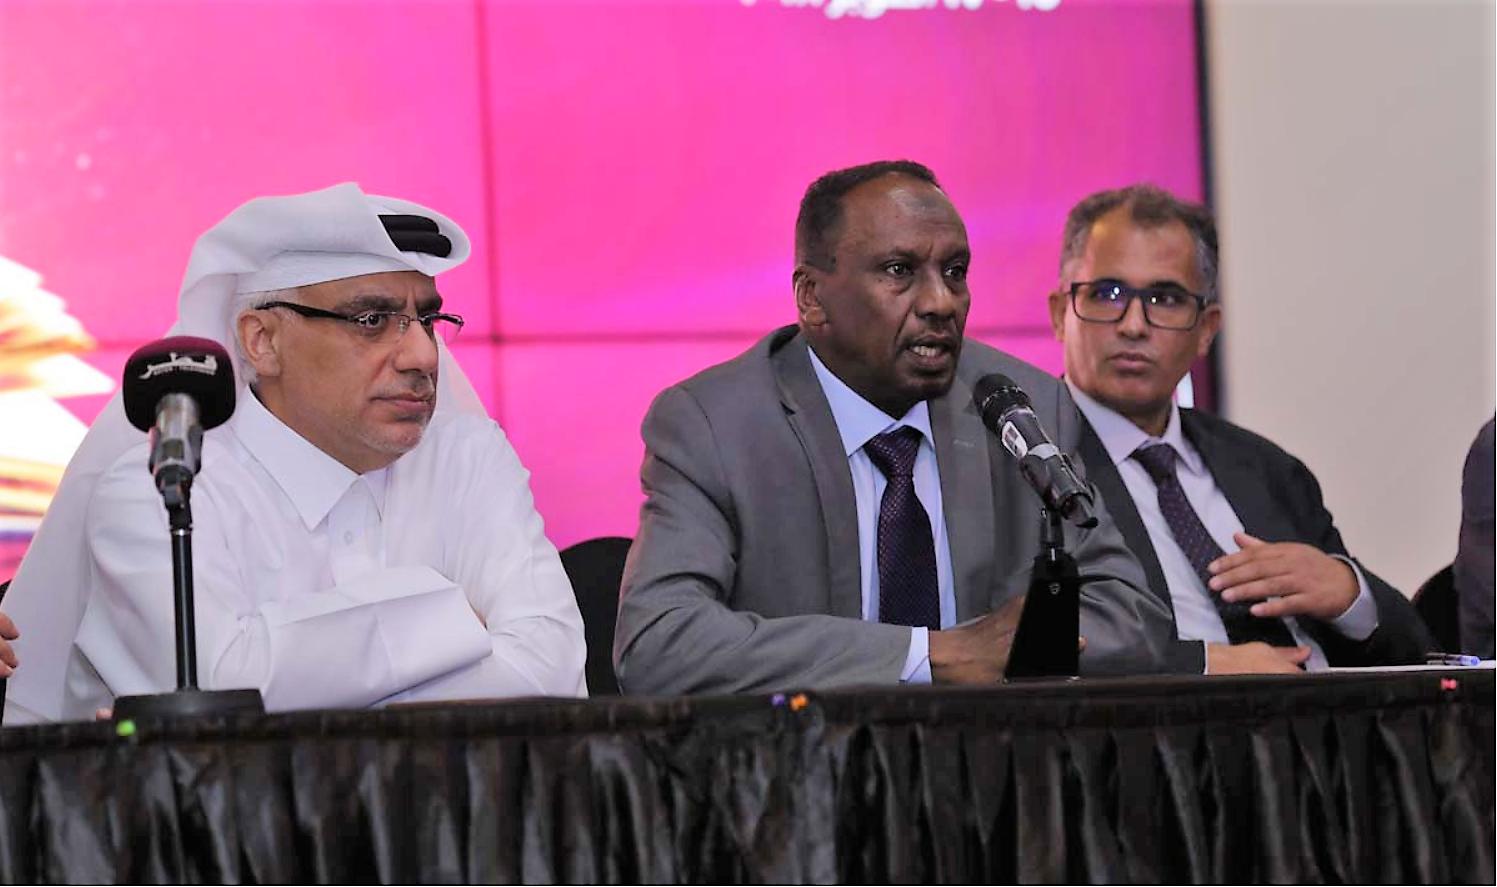 المؤتمر الصحفي للفائزين ضمن جائزة كتارا للرواية العربية الدورة الرابعة 2018